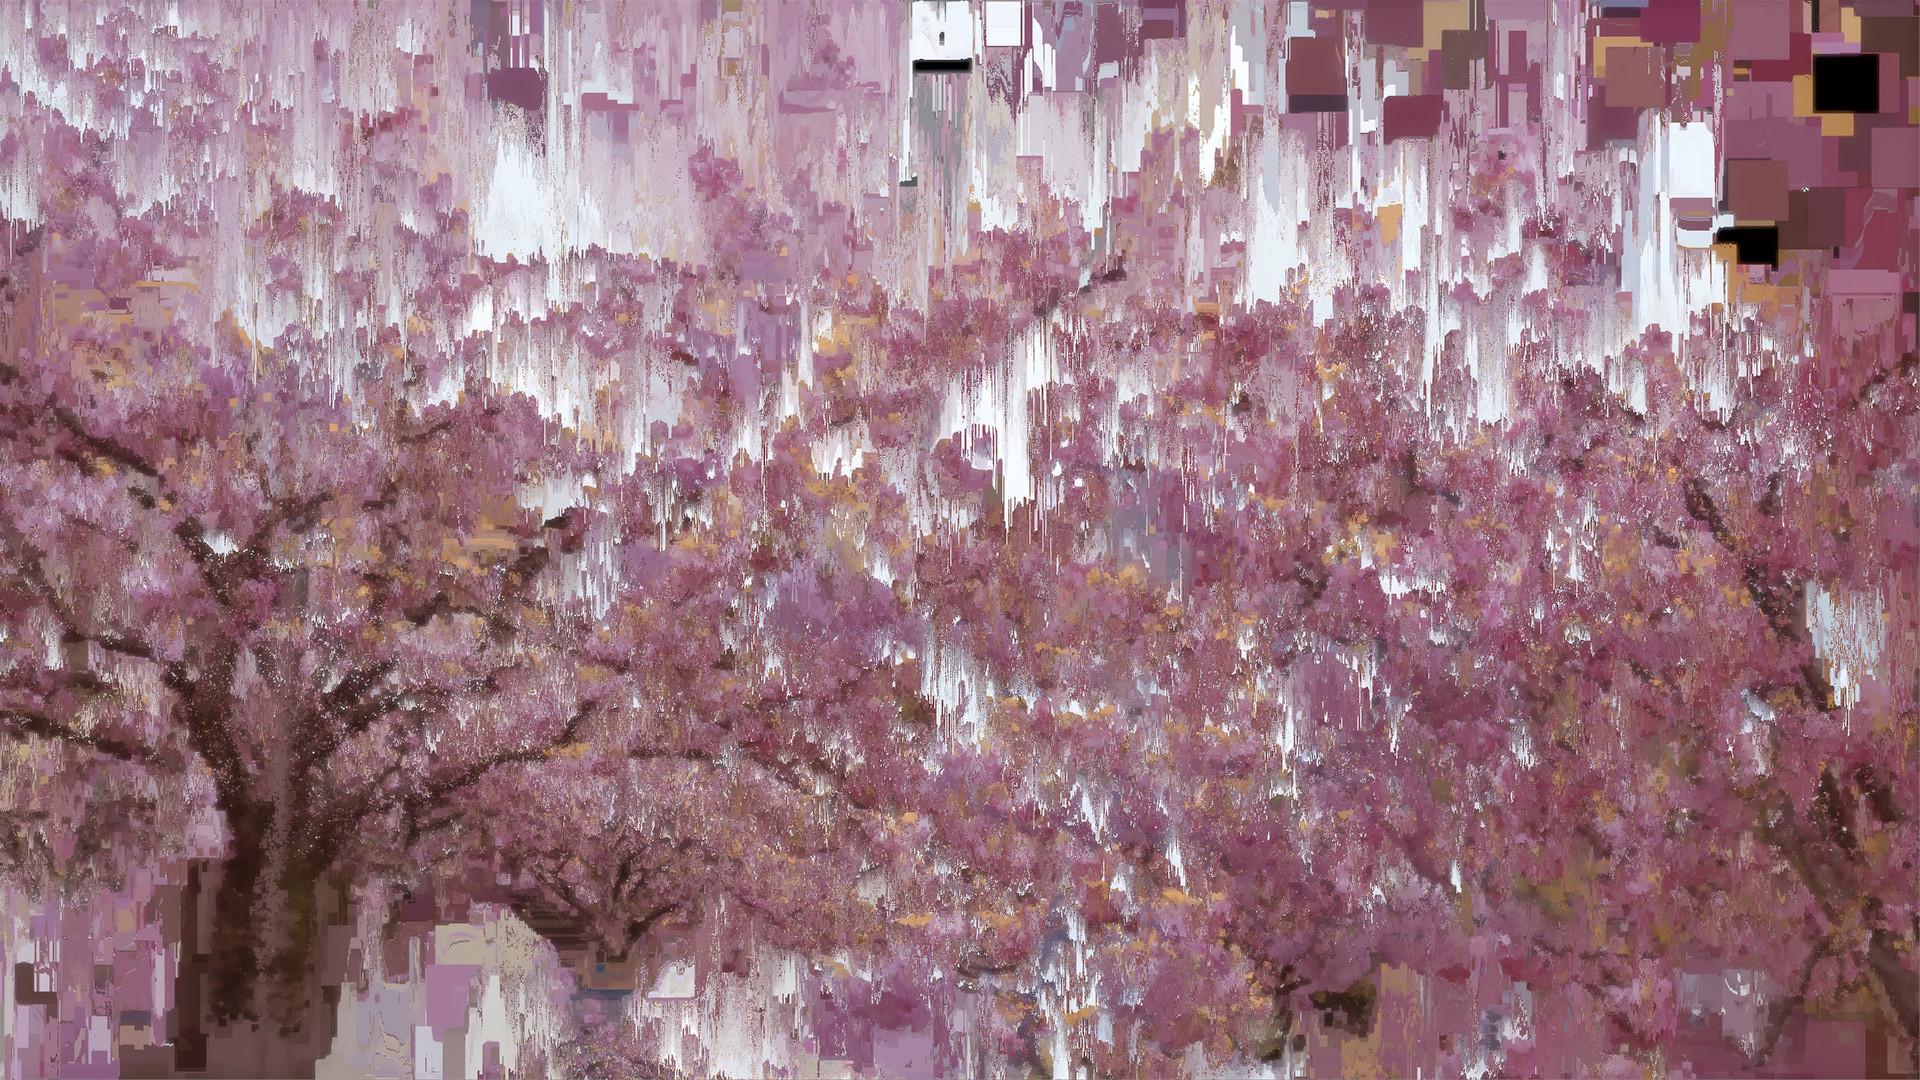 Benjamin bardou 1cherry blossoms no 1 2018